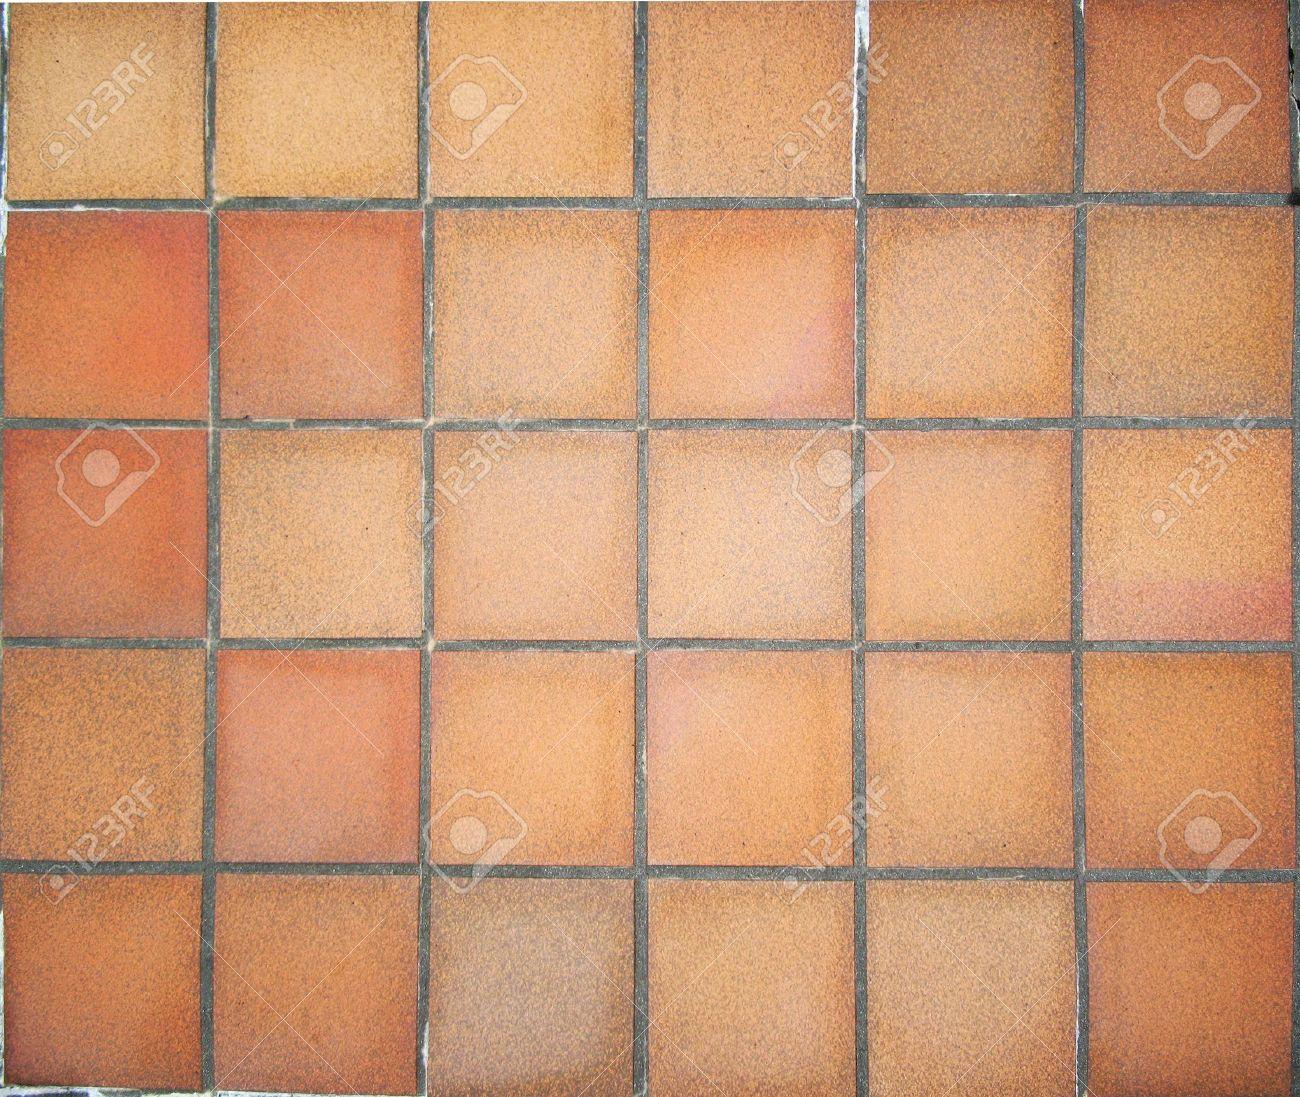 floor in terracotta square tiles